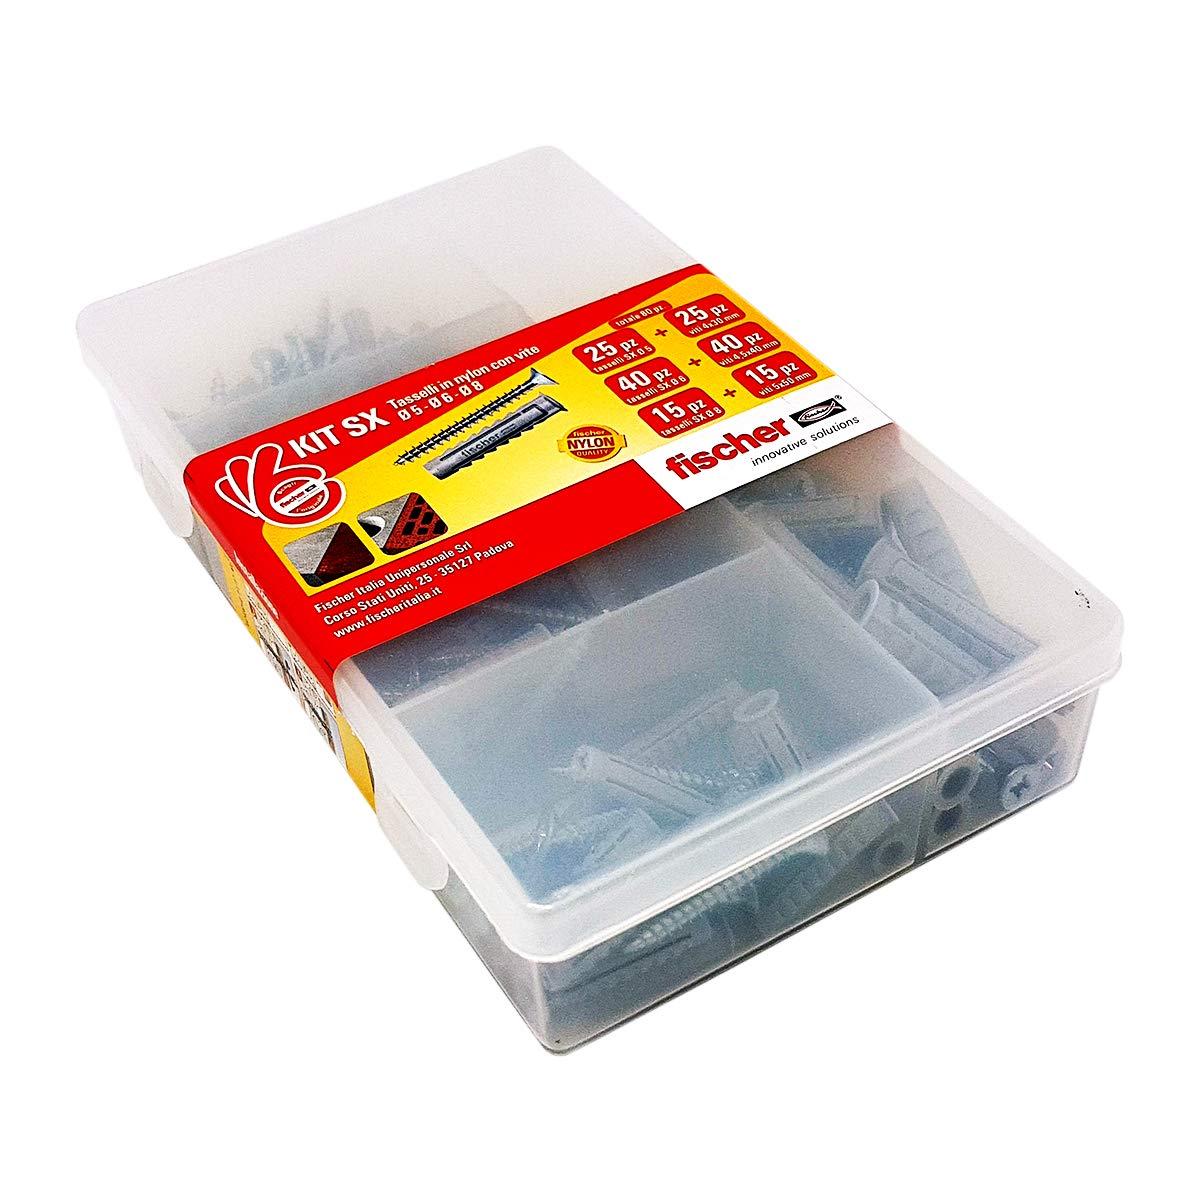 Fischer KIT SX, 80 Tasselli con vite per fissaggio su Muro pieno e Mattone Forato, 544256 Fischer Catalog Only It